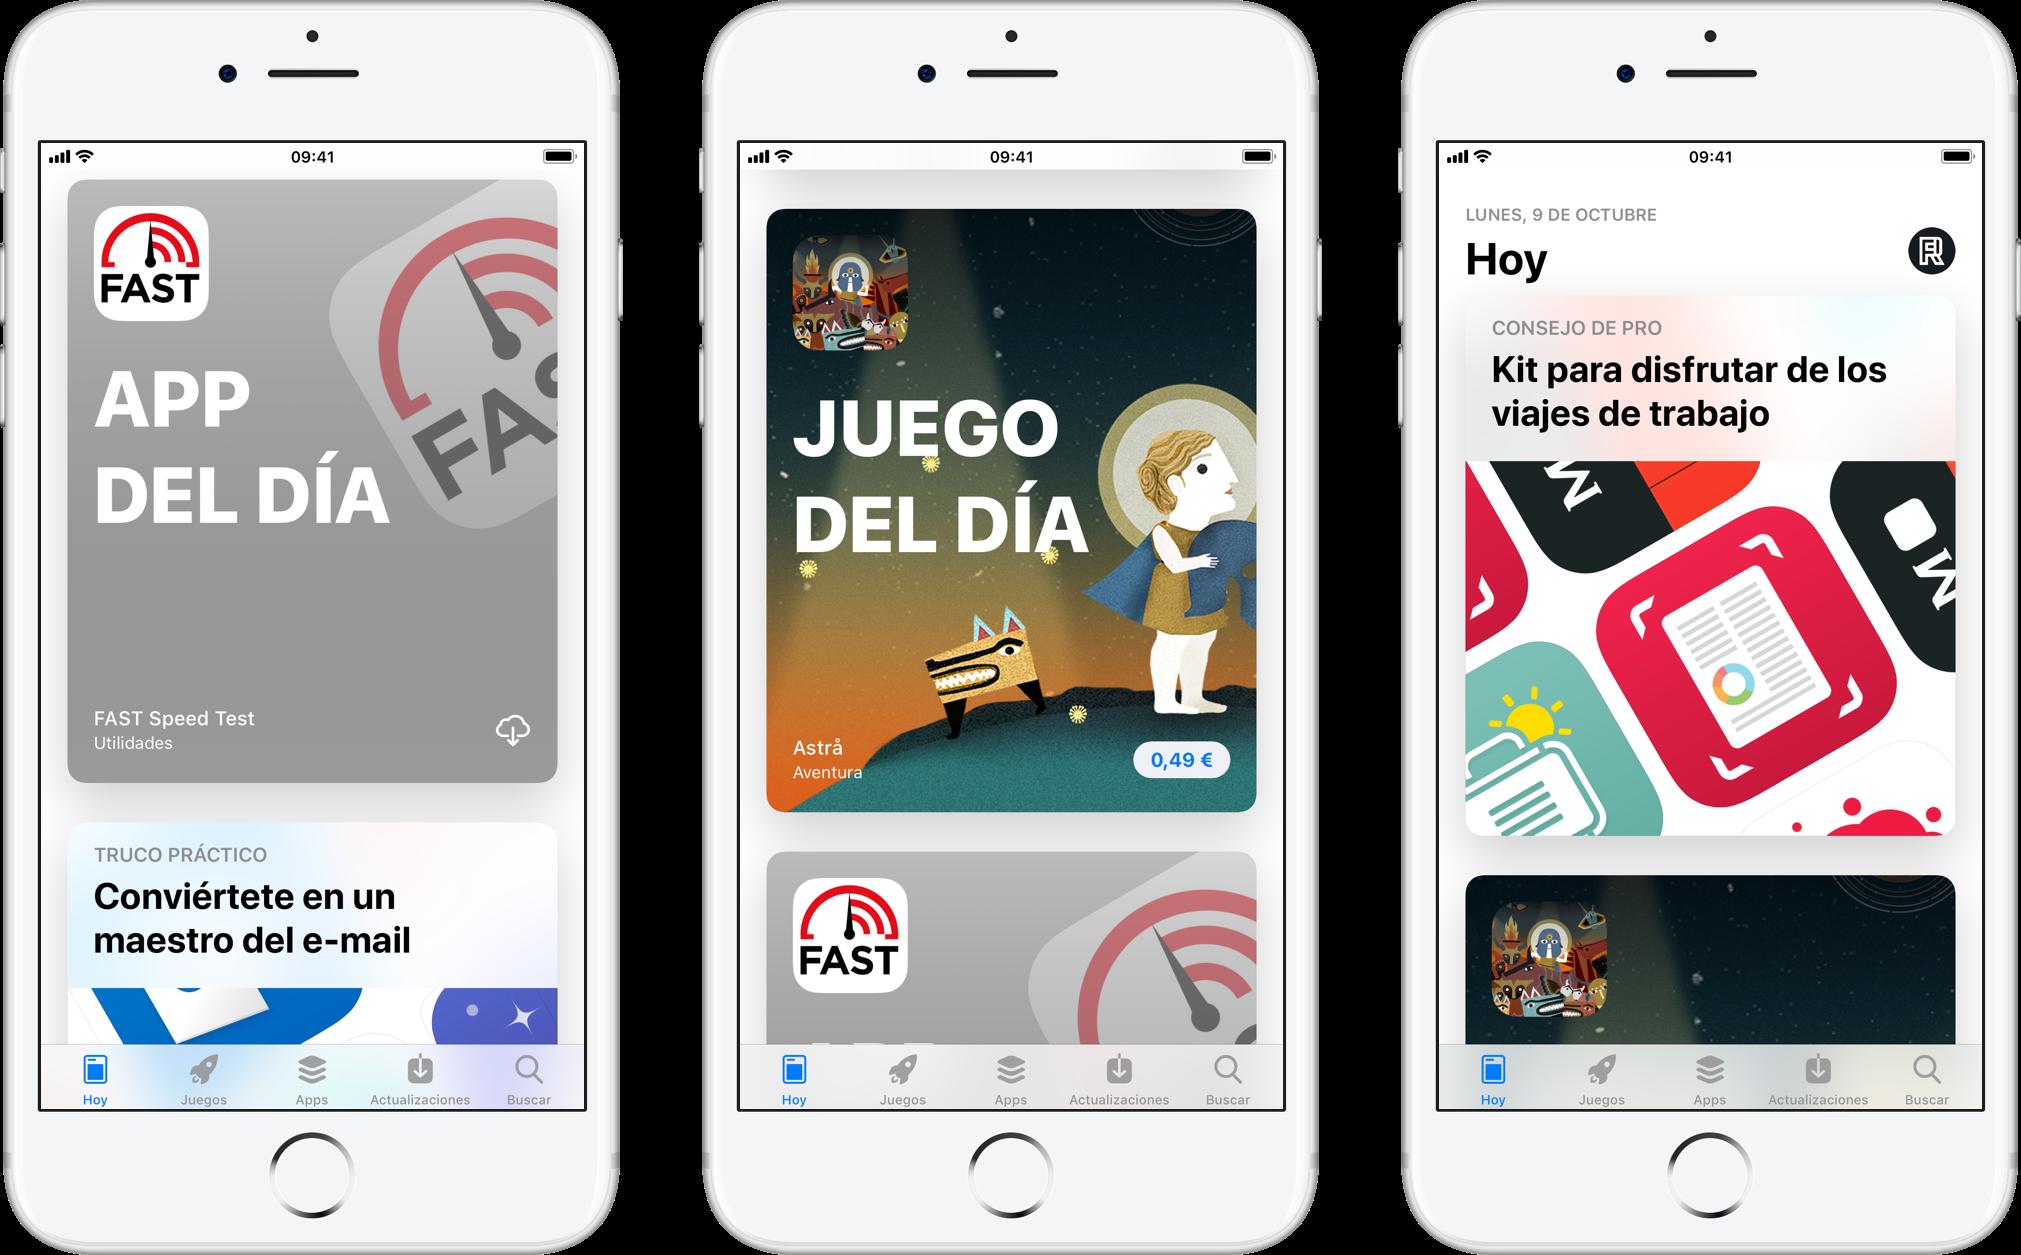 App Store App del Día